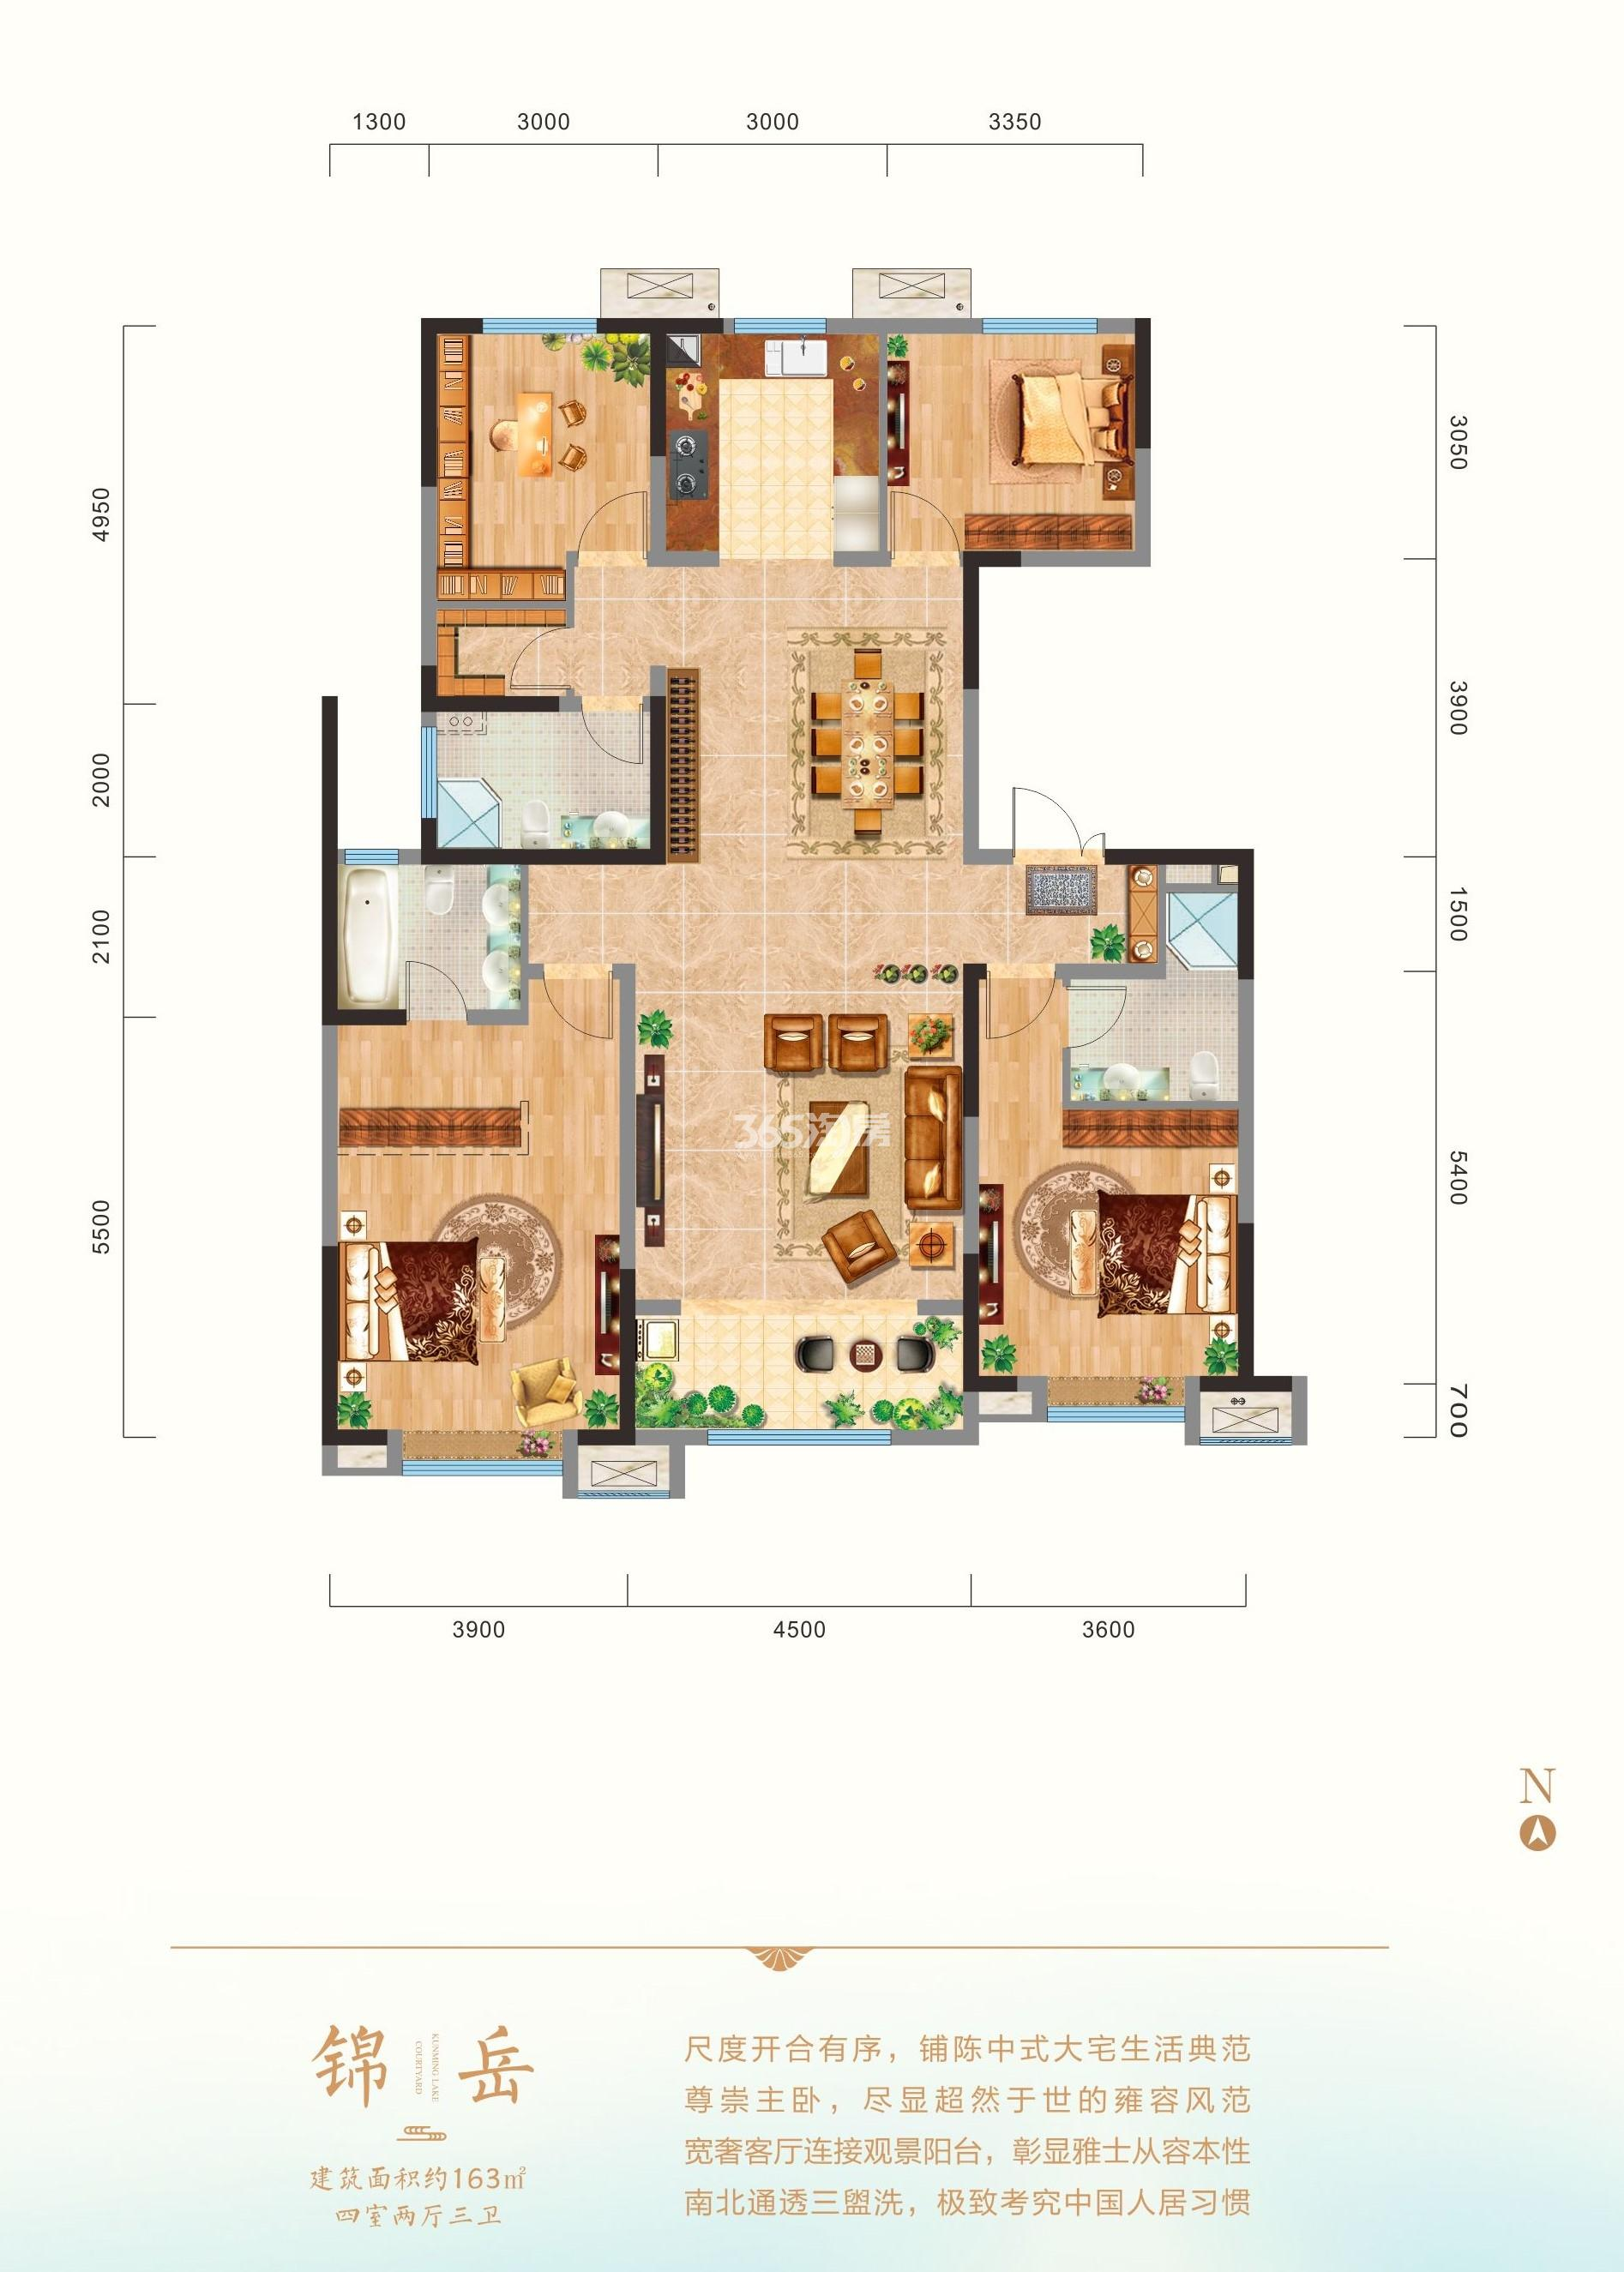 中建昆明澜庭四室两厅163㎡户型图